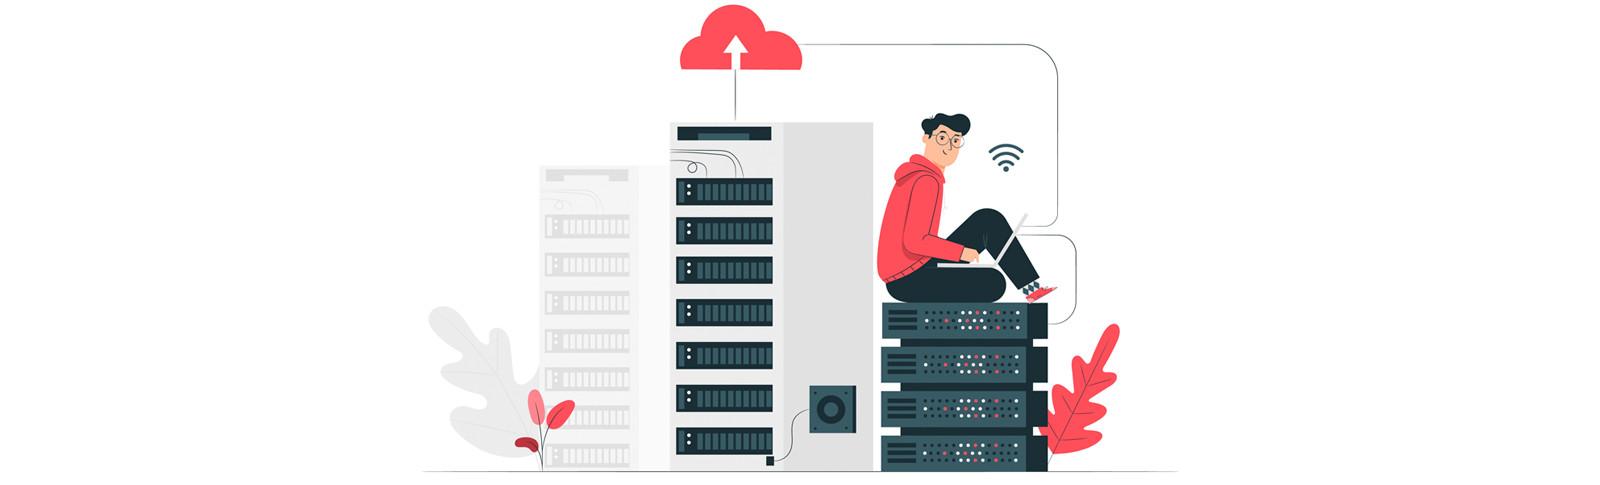 Какой сервер выбрать для бизнеса